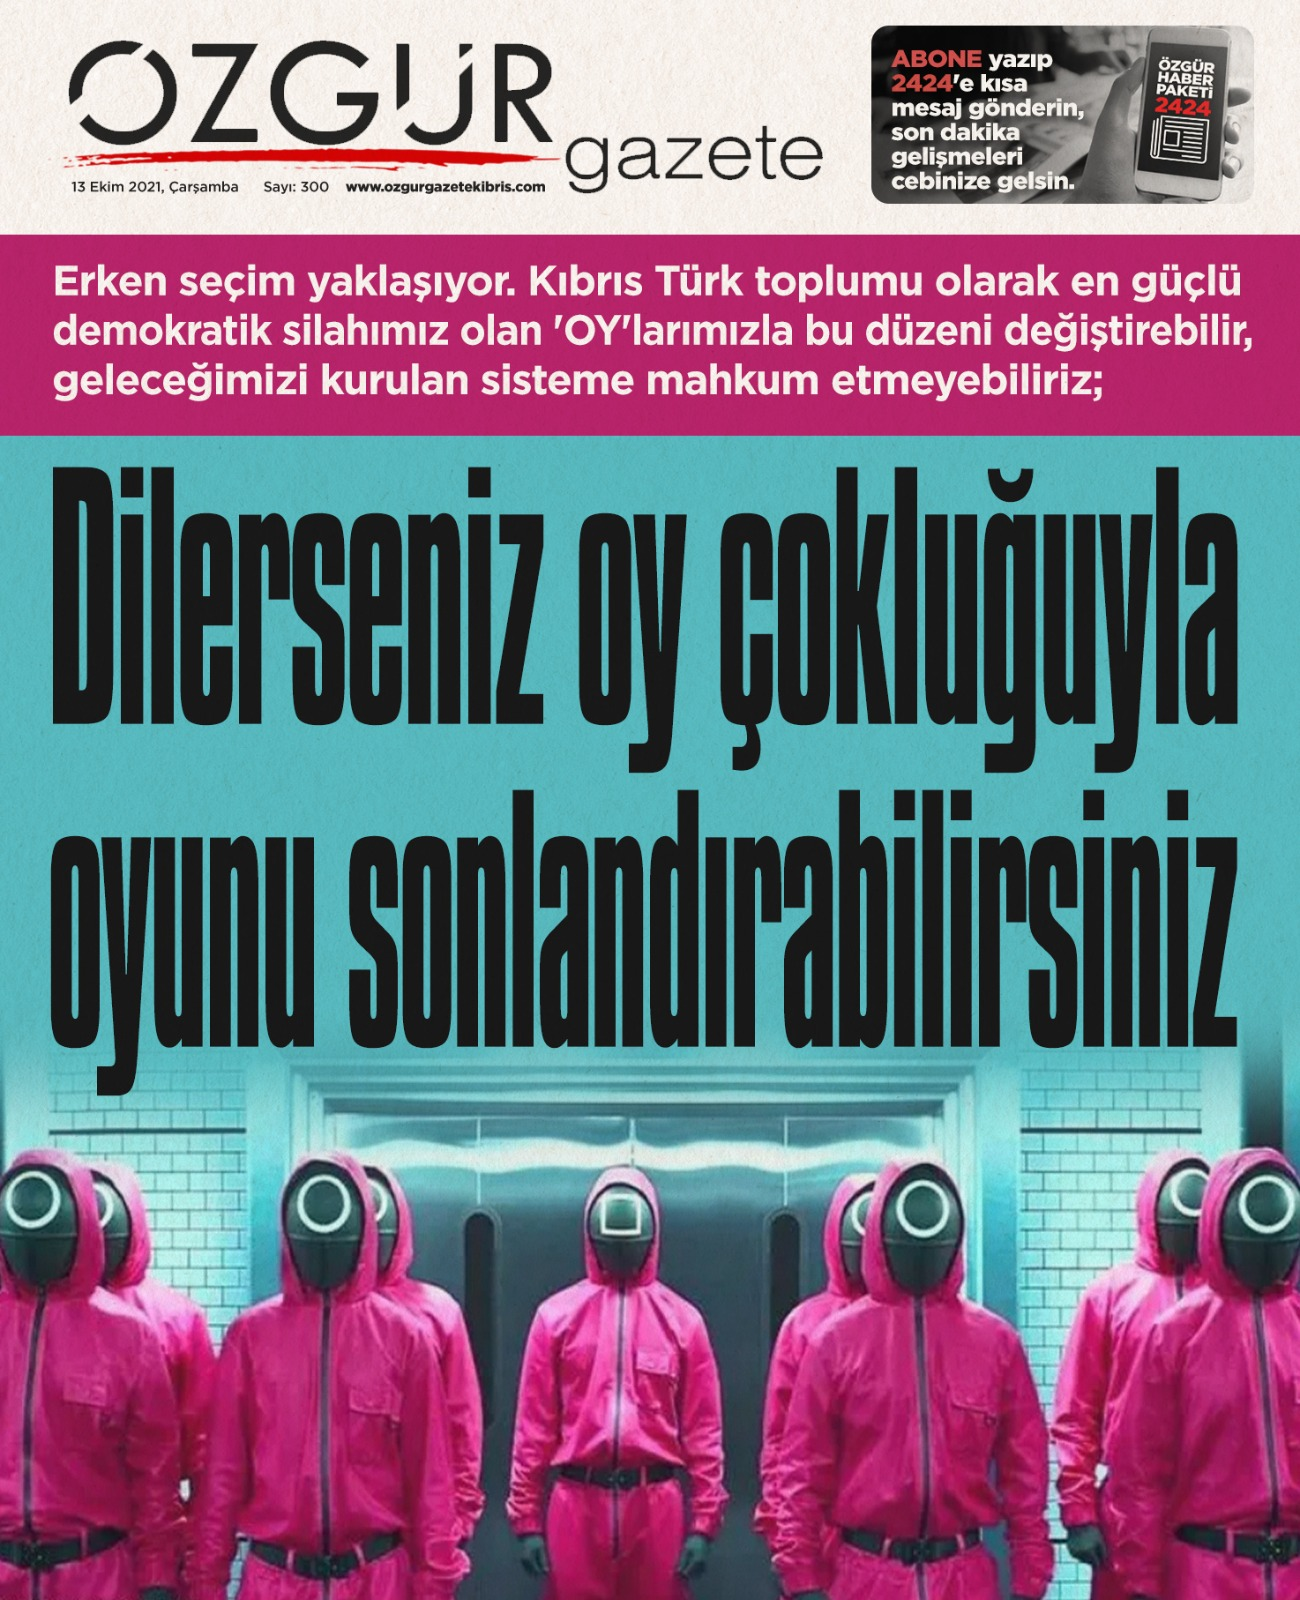 ozgur_gazete_kibris_erken_secim